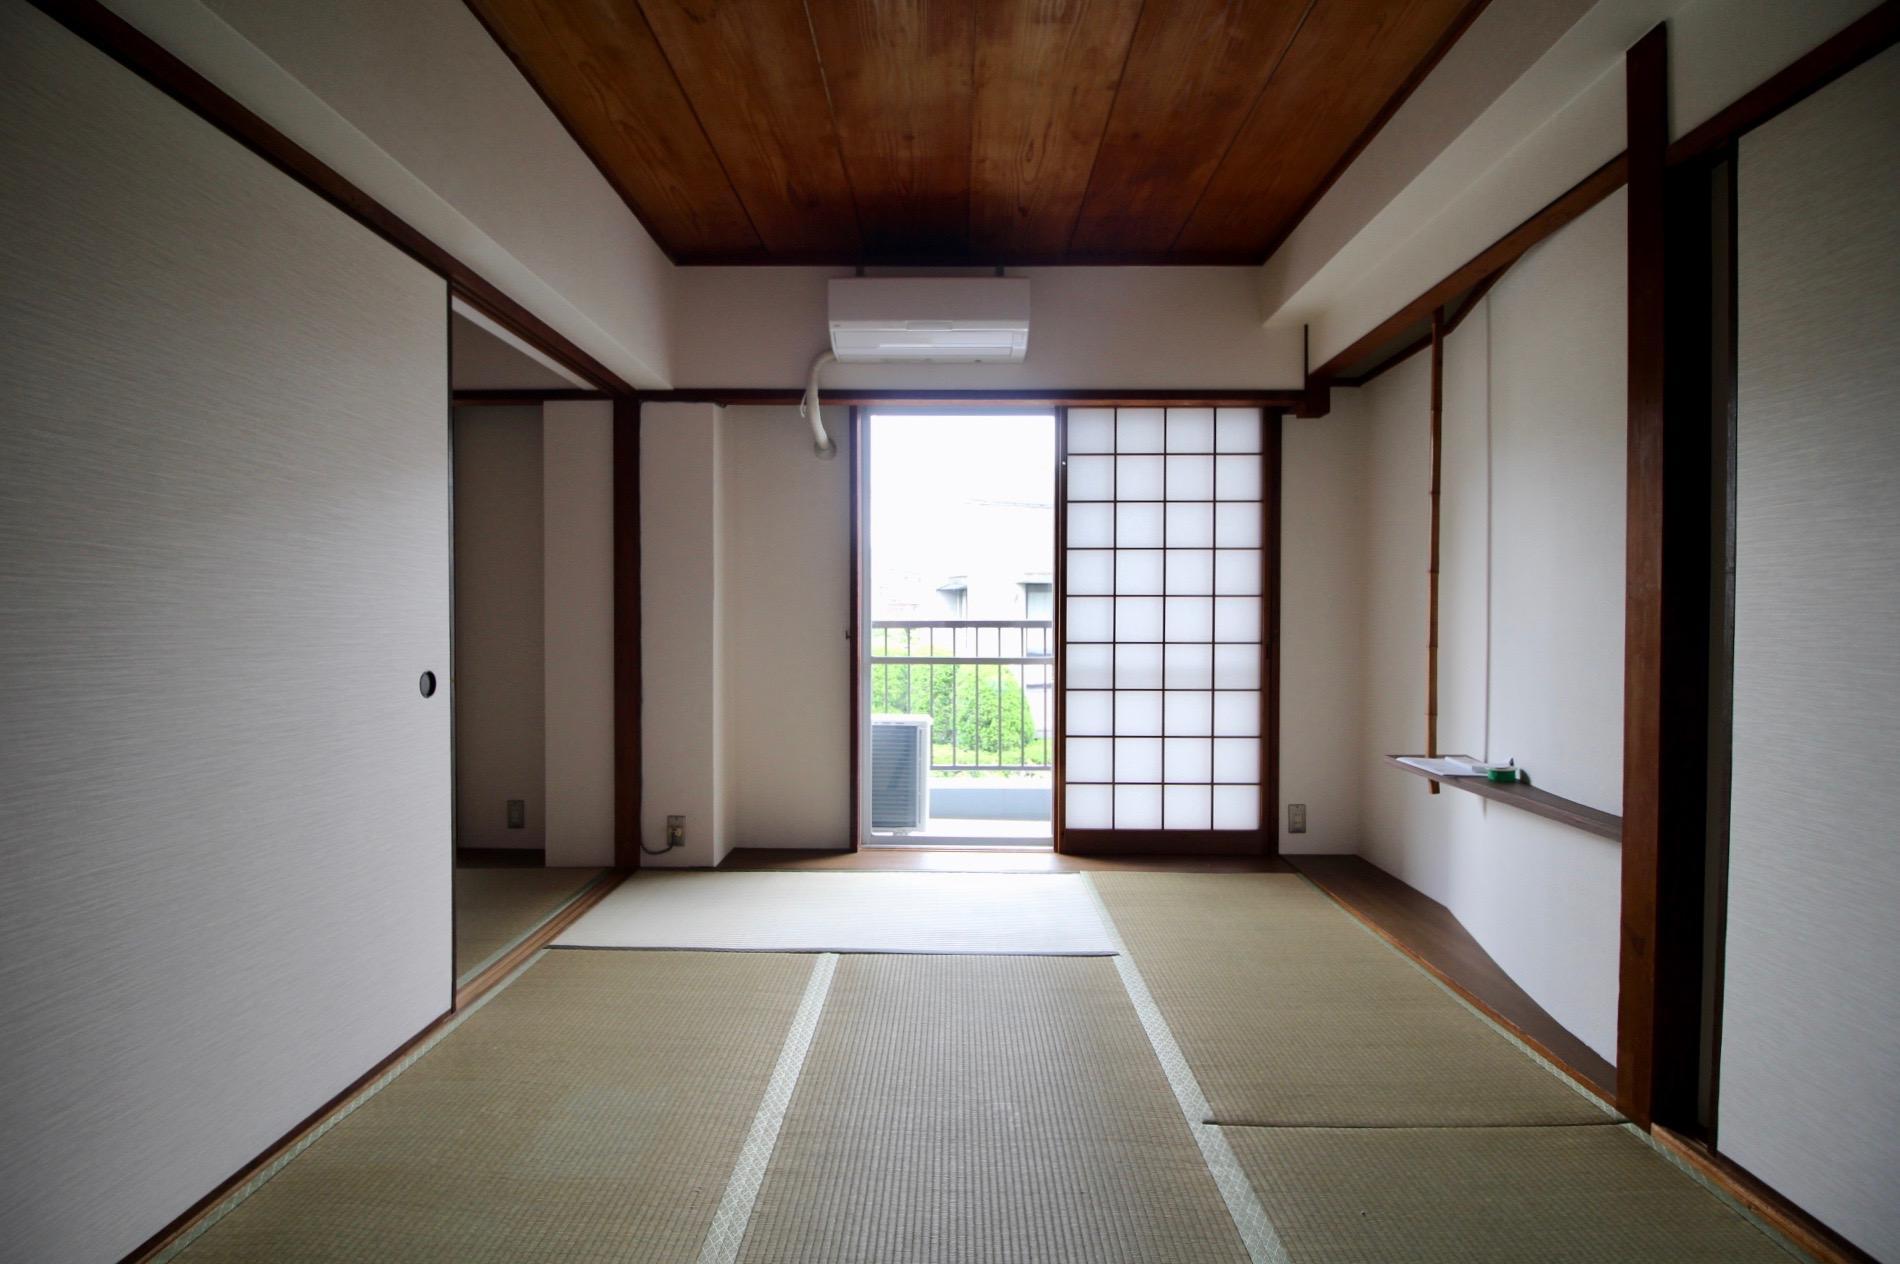 木張りの天井の和室